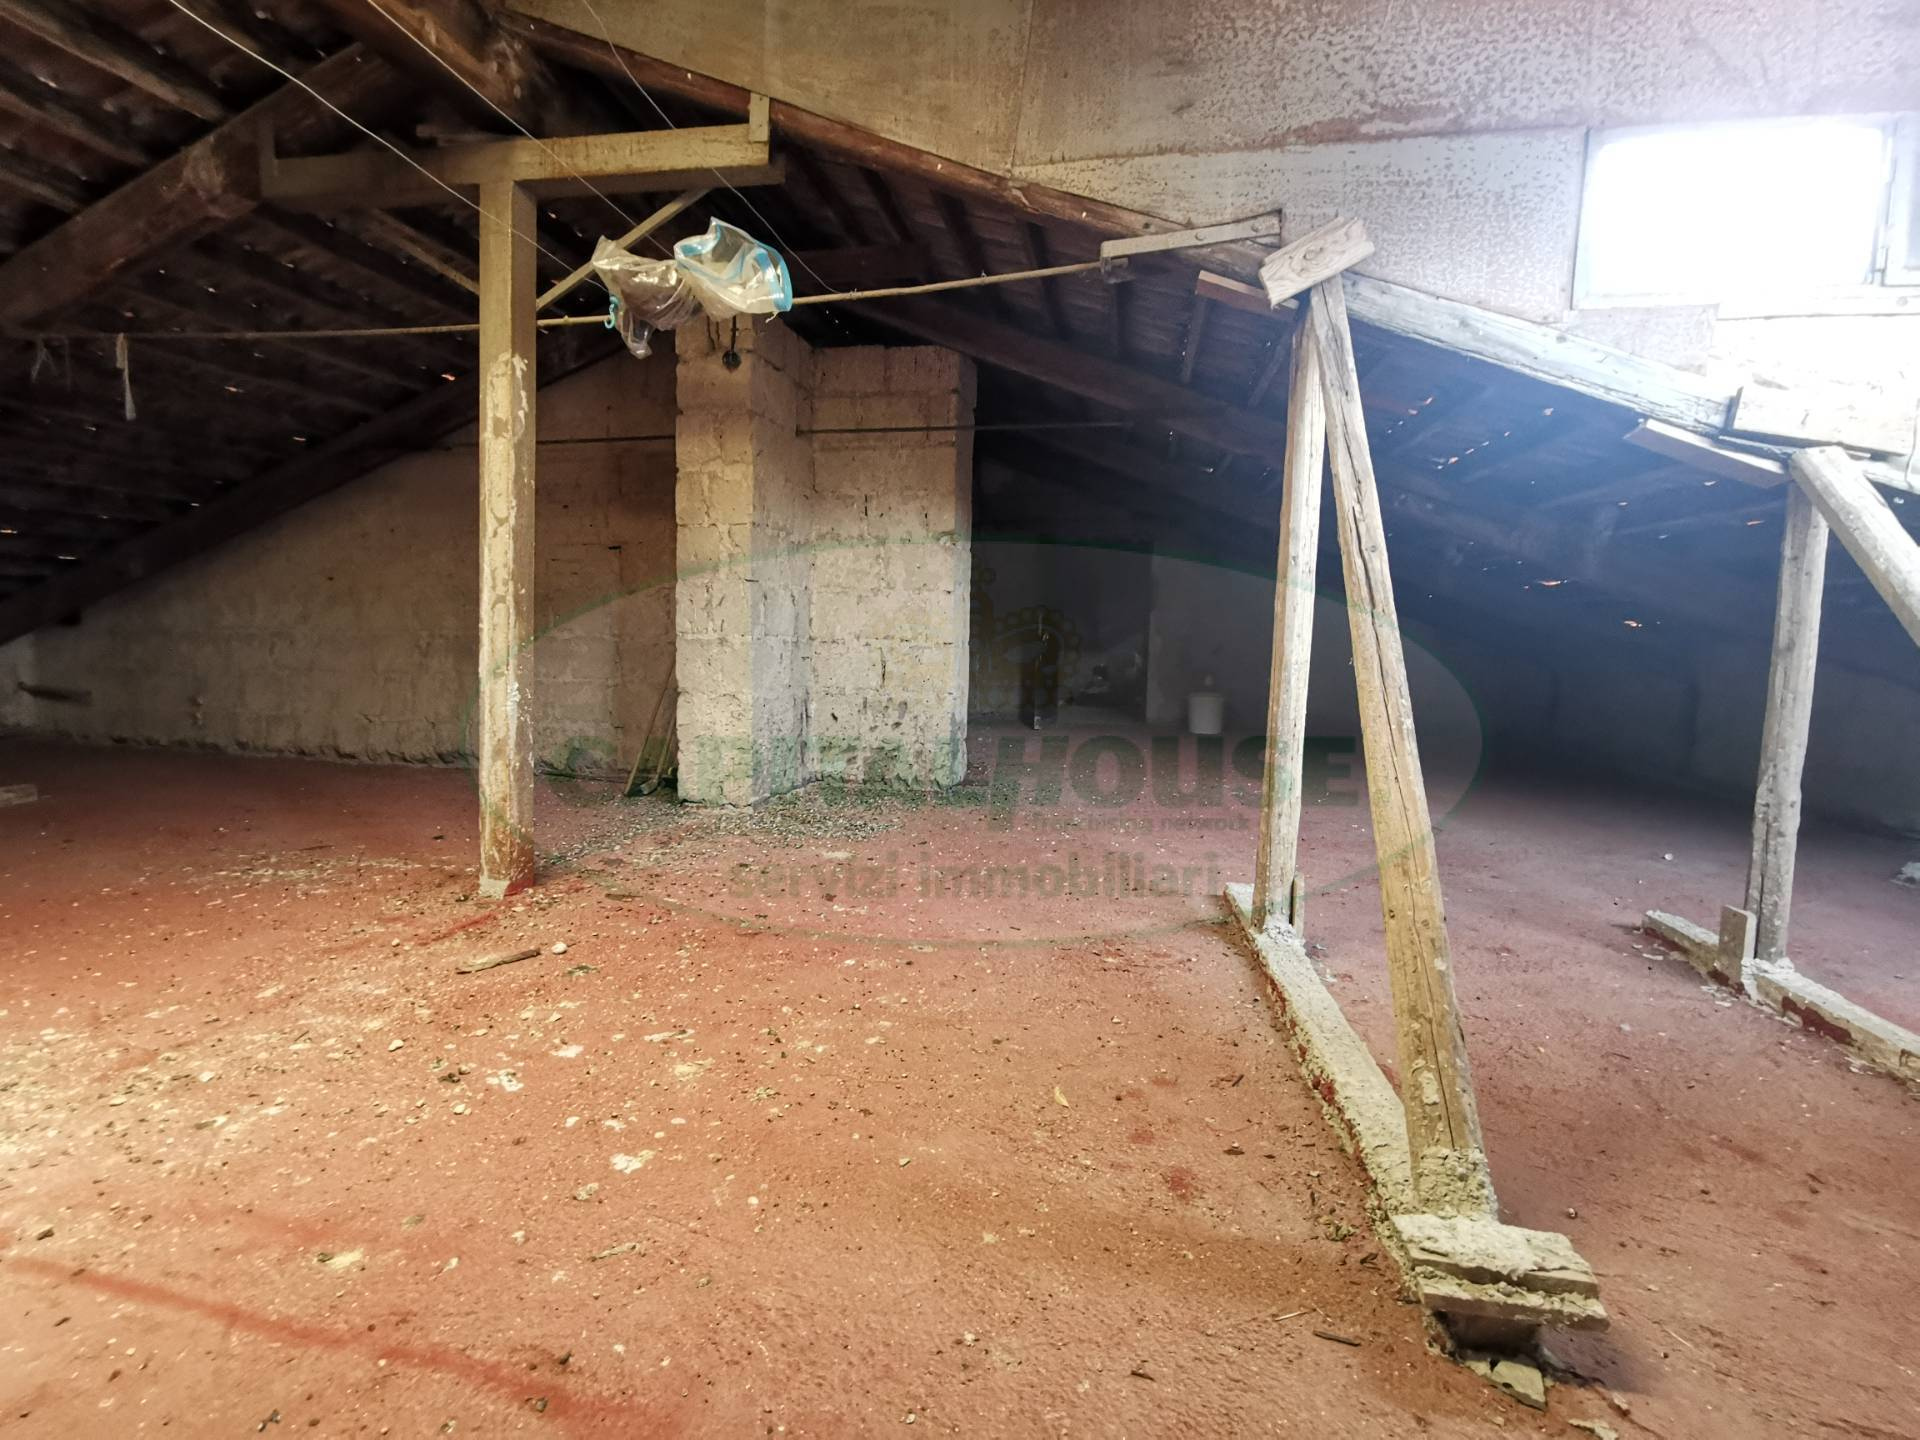 Attico / Mansarda in vendita a Santa Maria Capua Vetere, 1 locali, zona Località: ZonaVilla, prezzo € 25.000   PortaleAgenzieImmobiliari.it